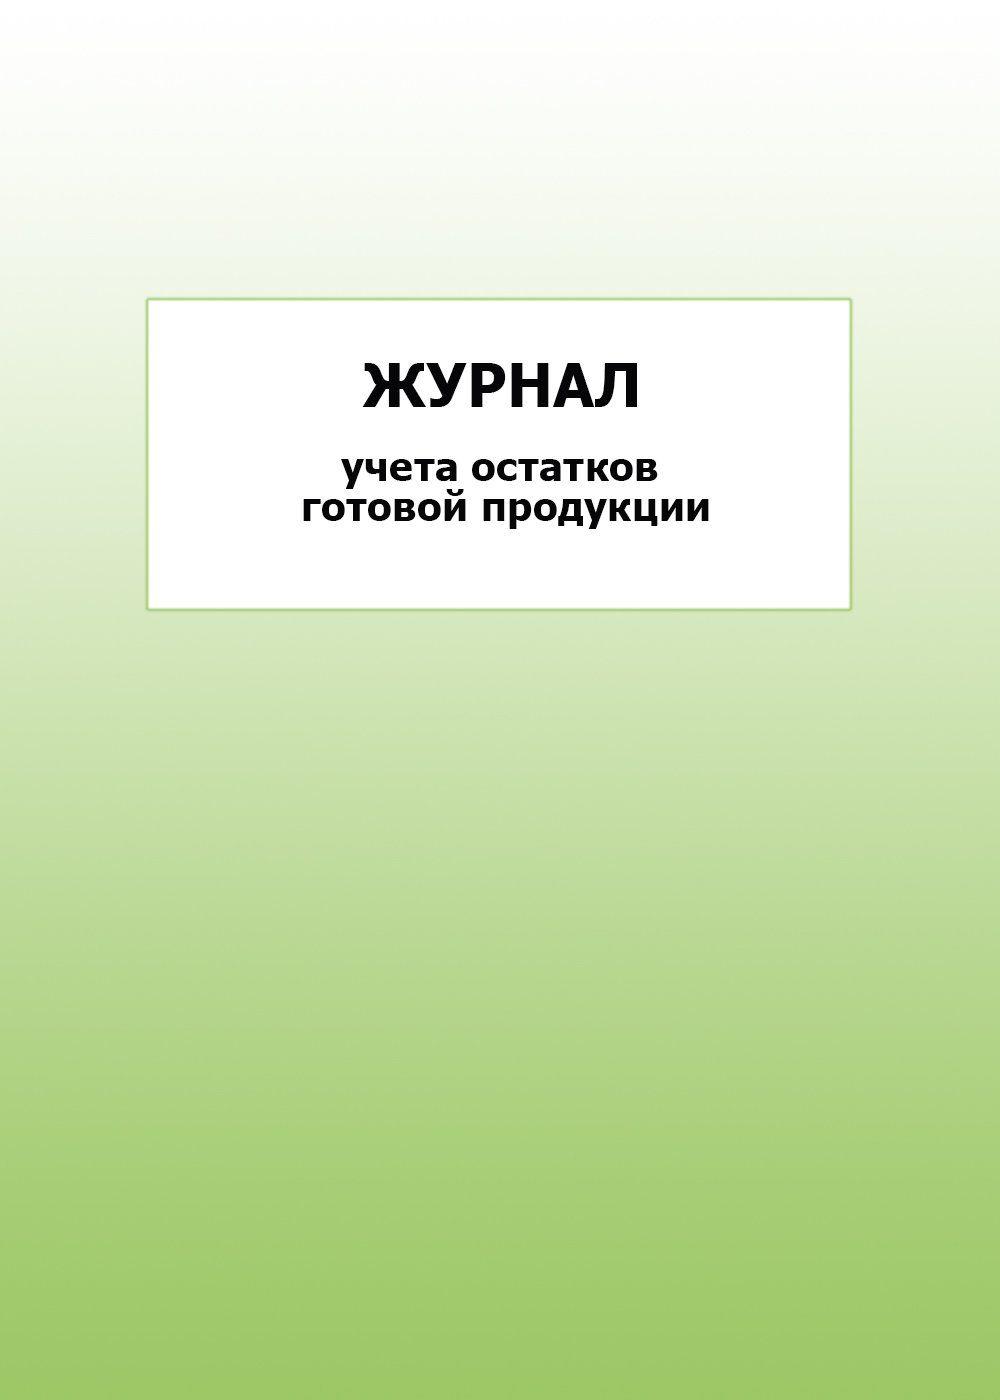 Журнал учета остатков готовой продукции: упаковка 100 шт.